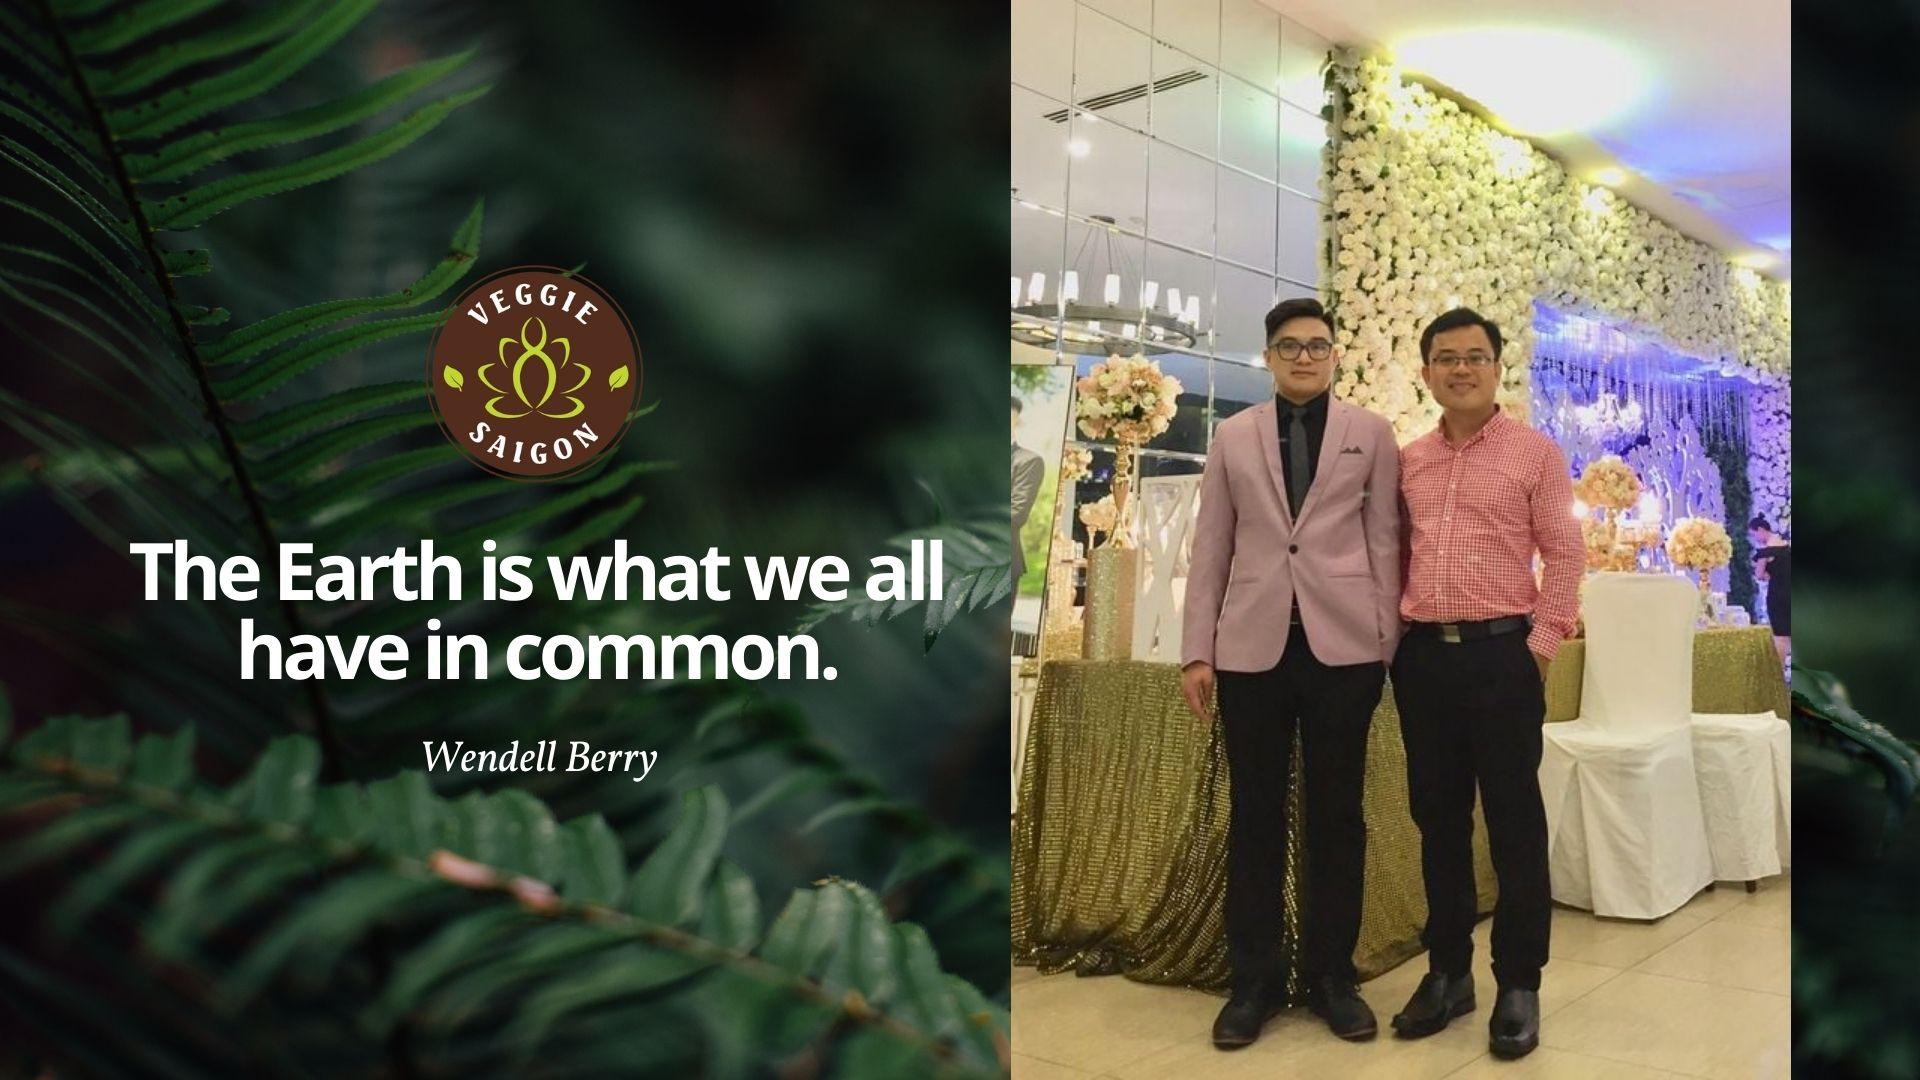 Chân dung lãnh đạo Veggie Saigon - Ông Nguyễn Thanh Phú & Ông Eric Trần